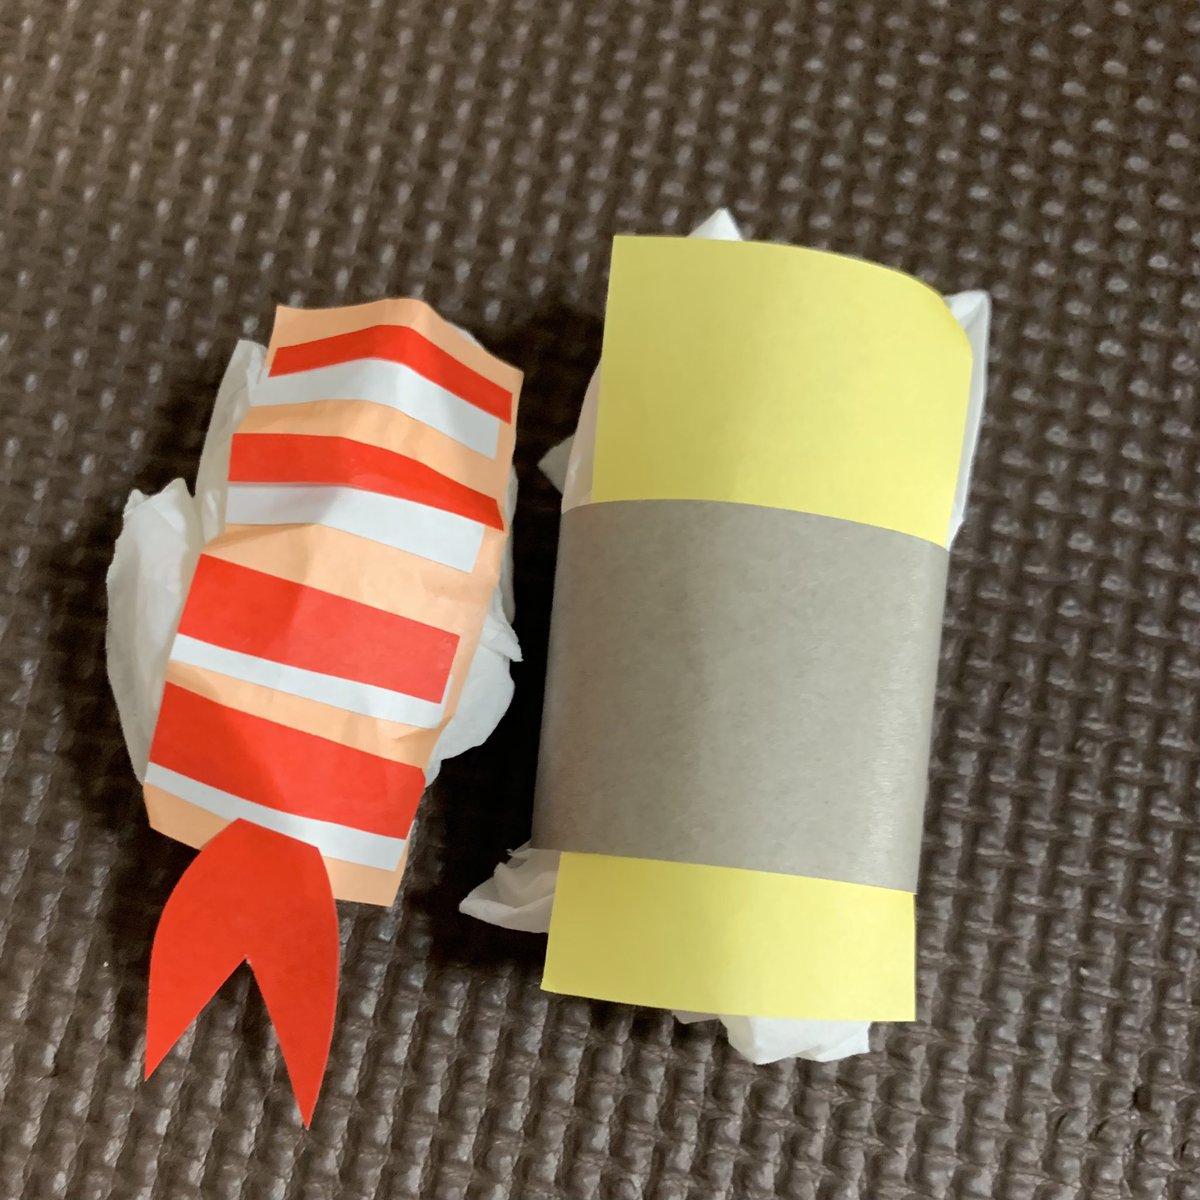 子供たちとお寿司作り← え!?えびー!?たまごー!?と必死に作るお昼時←  #折り紙 #お寿司  #本物食べたい https://t.co/yV6tpmfcPO